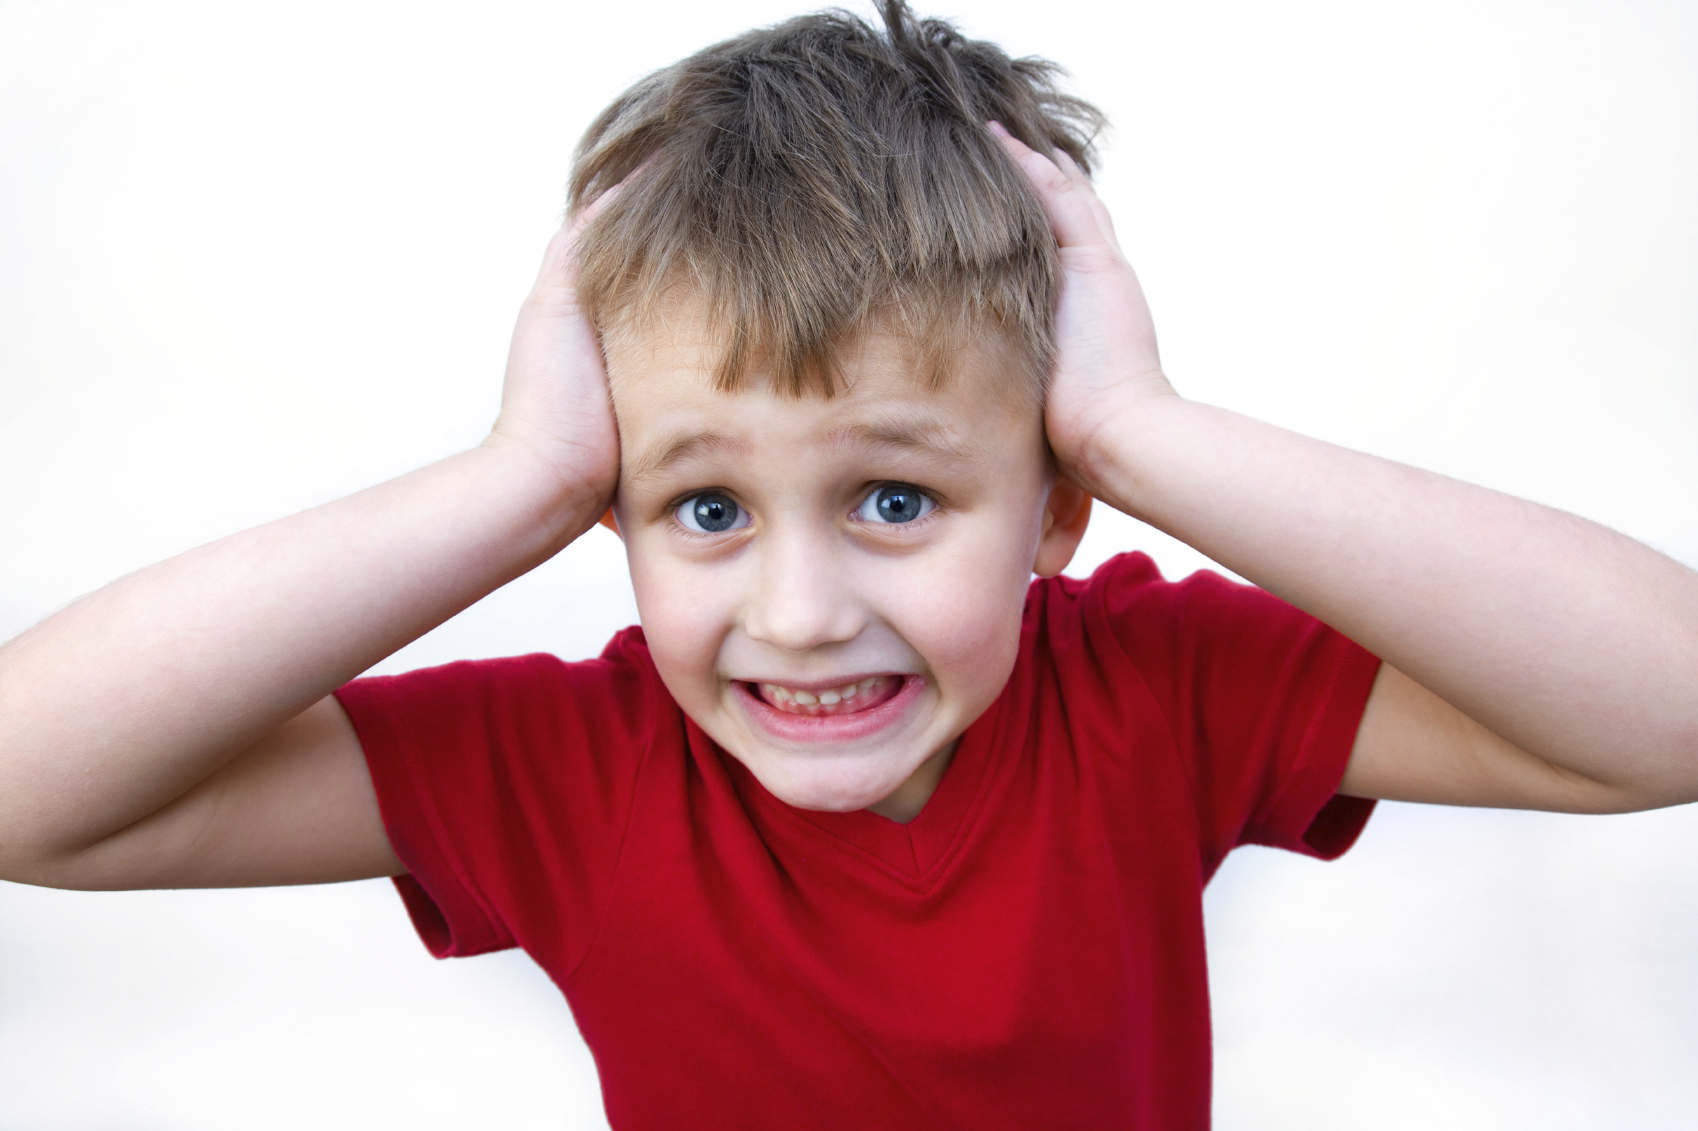 Почему раздражают чужие дети: причины. что делать, если раздражают чужие дети: советы, рекомендации